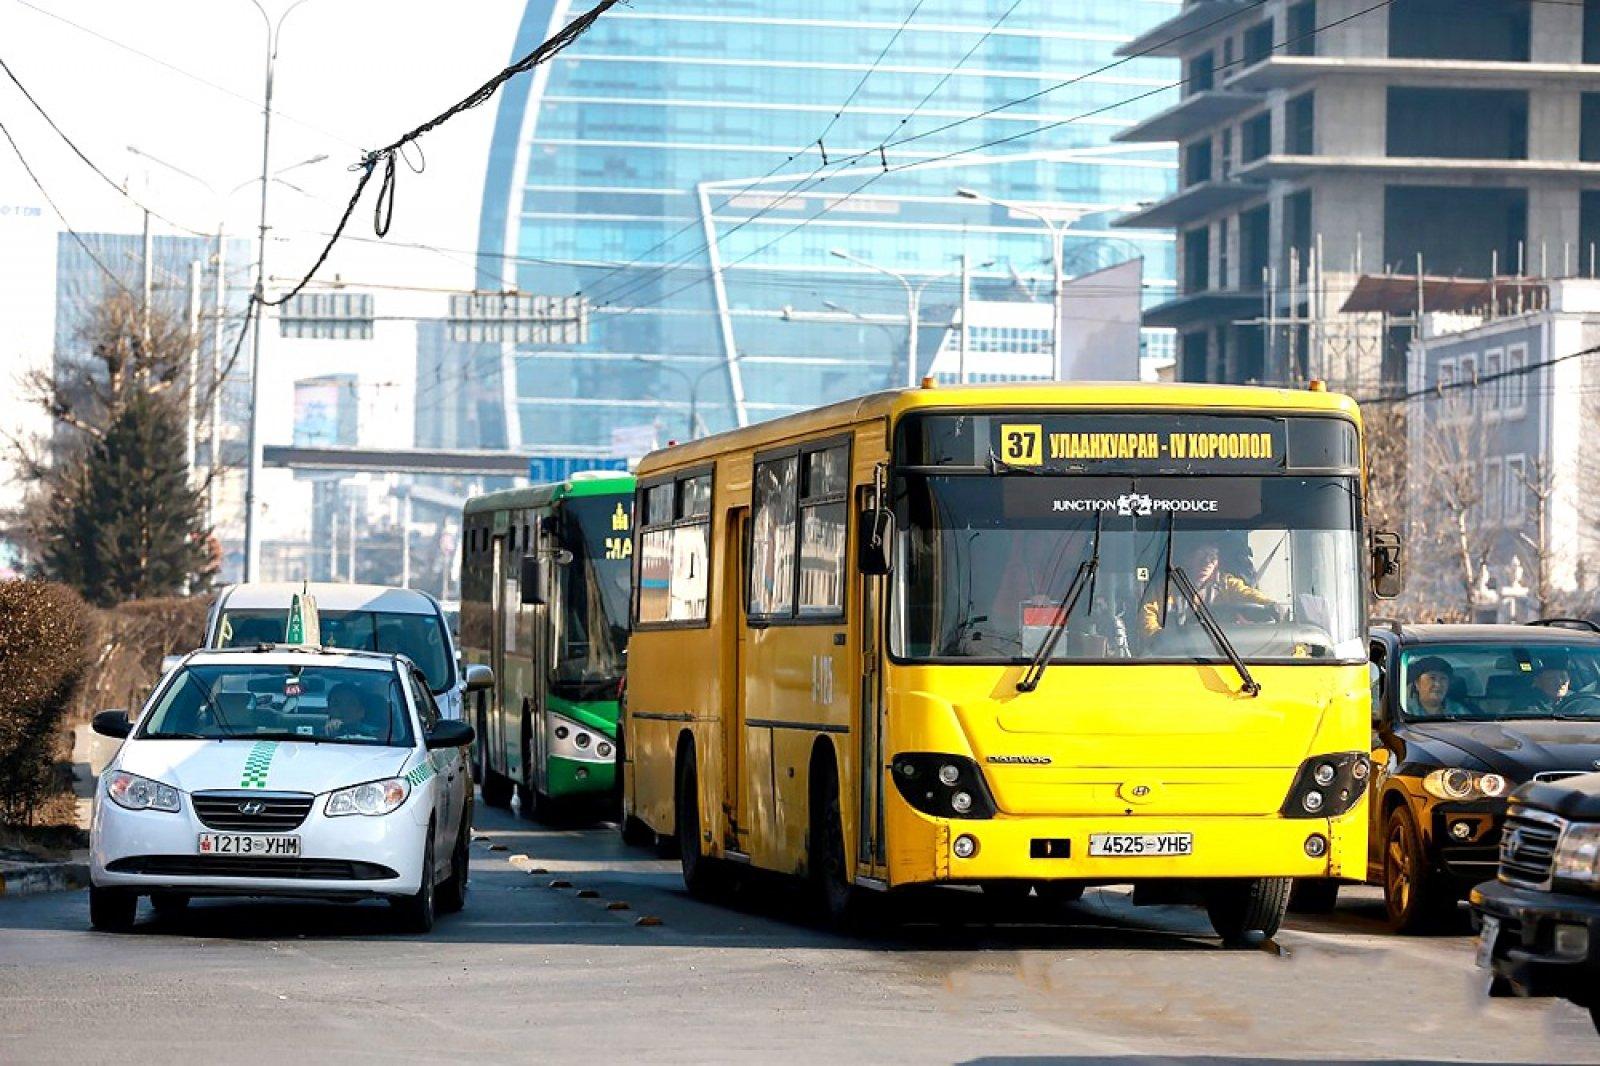 Ирэх онд нийтийн тээврийн чанар хүртээмжийг сайжруулах ажлыг төсөвт тусгаж хэрэгжүүлнэ